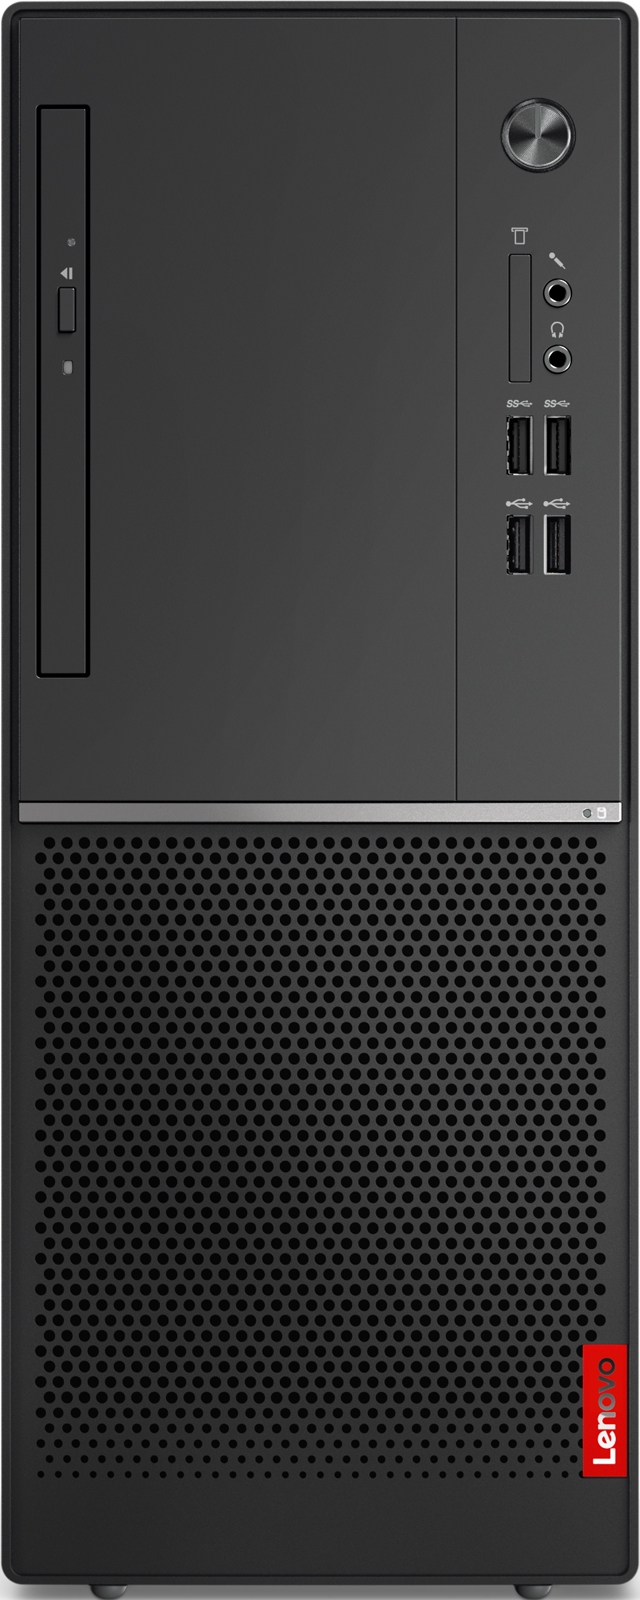 Системный блок Lenovo V330-15IGM MT, 10TS0008RU, черный системный блок lenovo legion t530 28icb 90jl007jrs черный